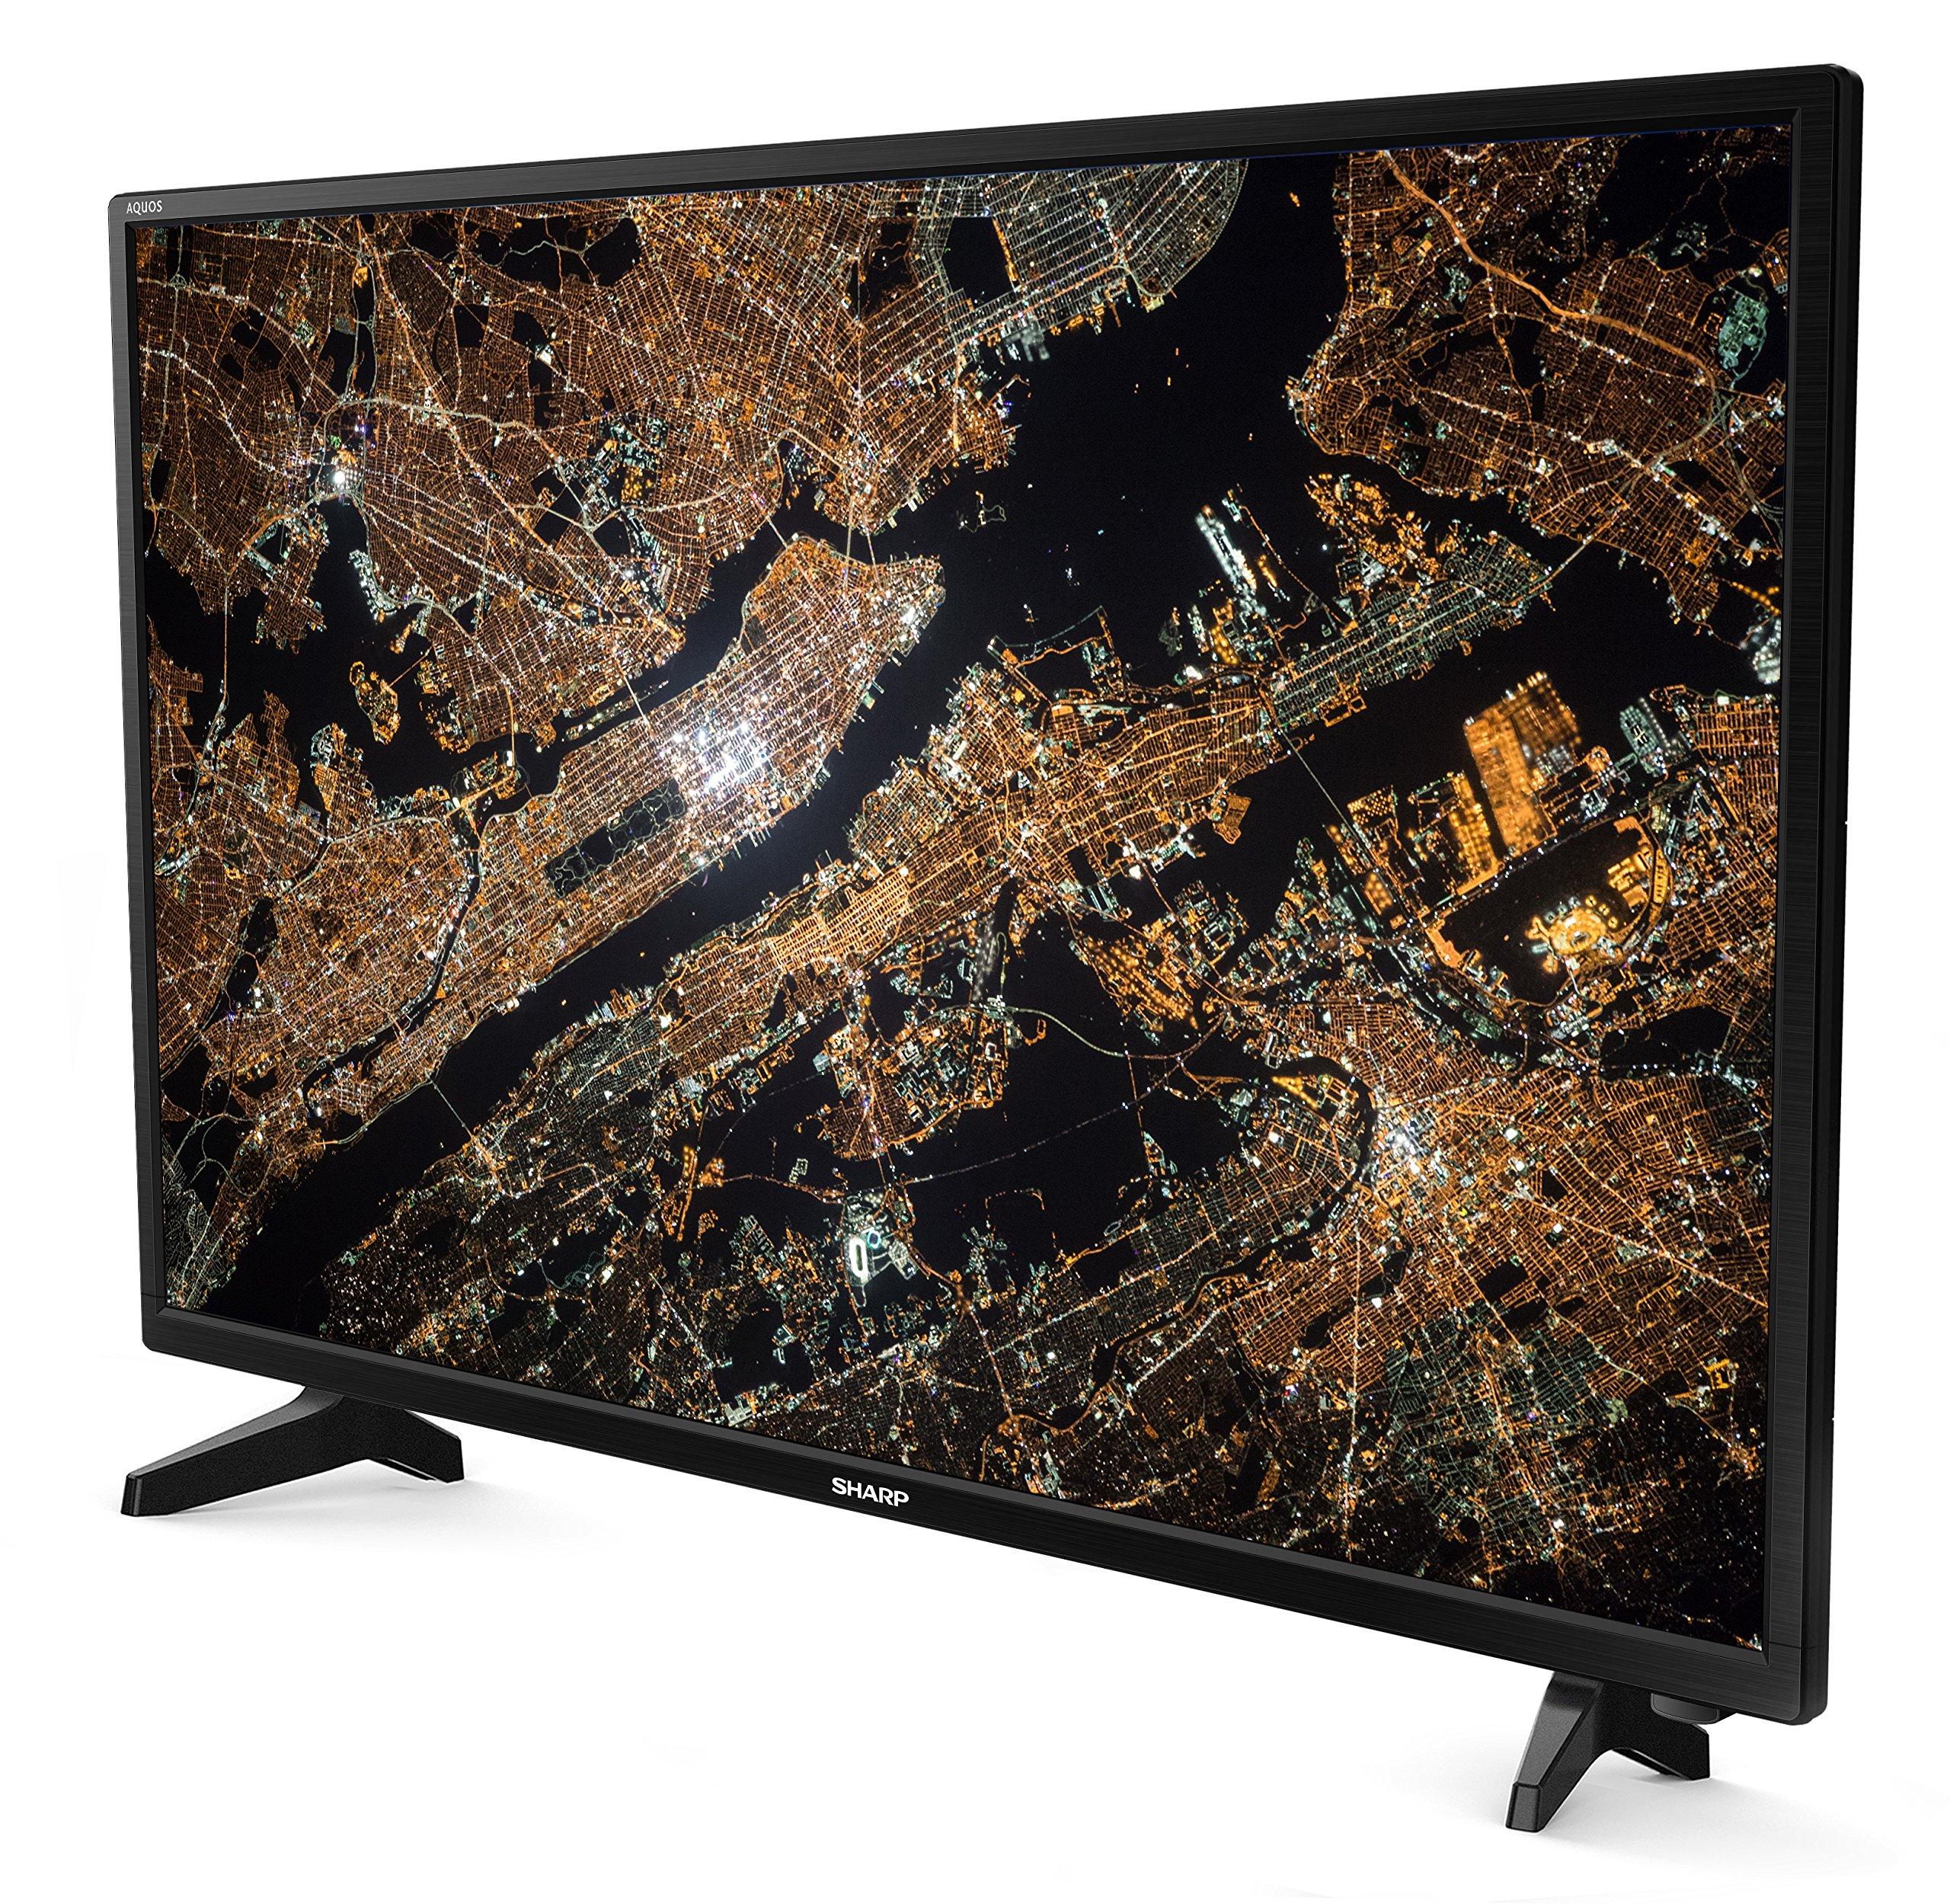 Sharp lc-32hg3242 – Televisor LED HD 32